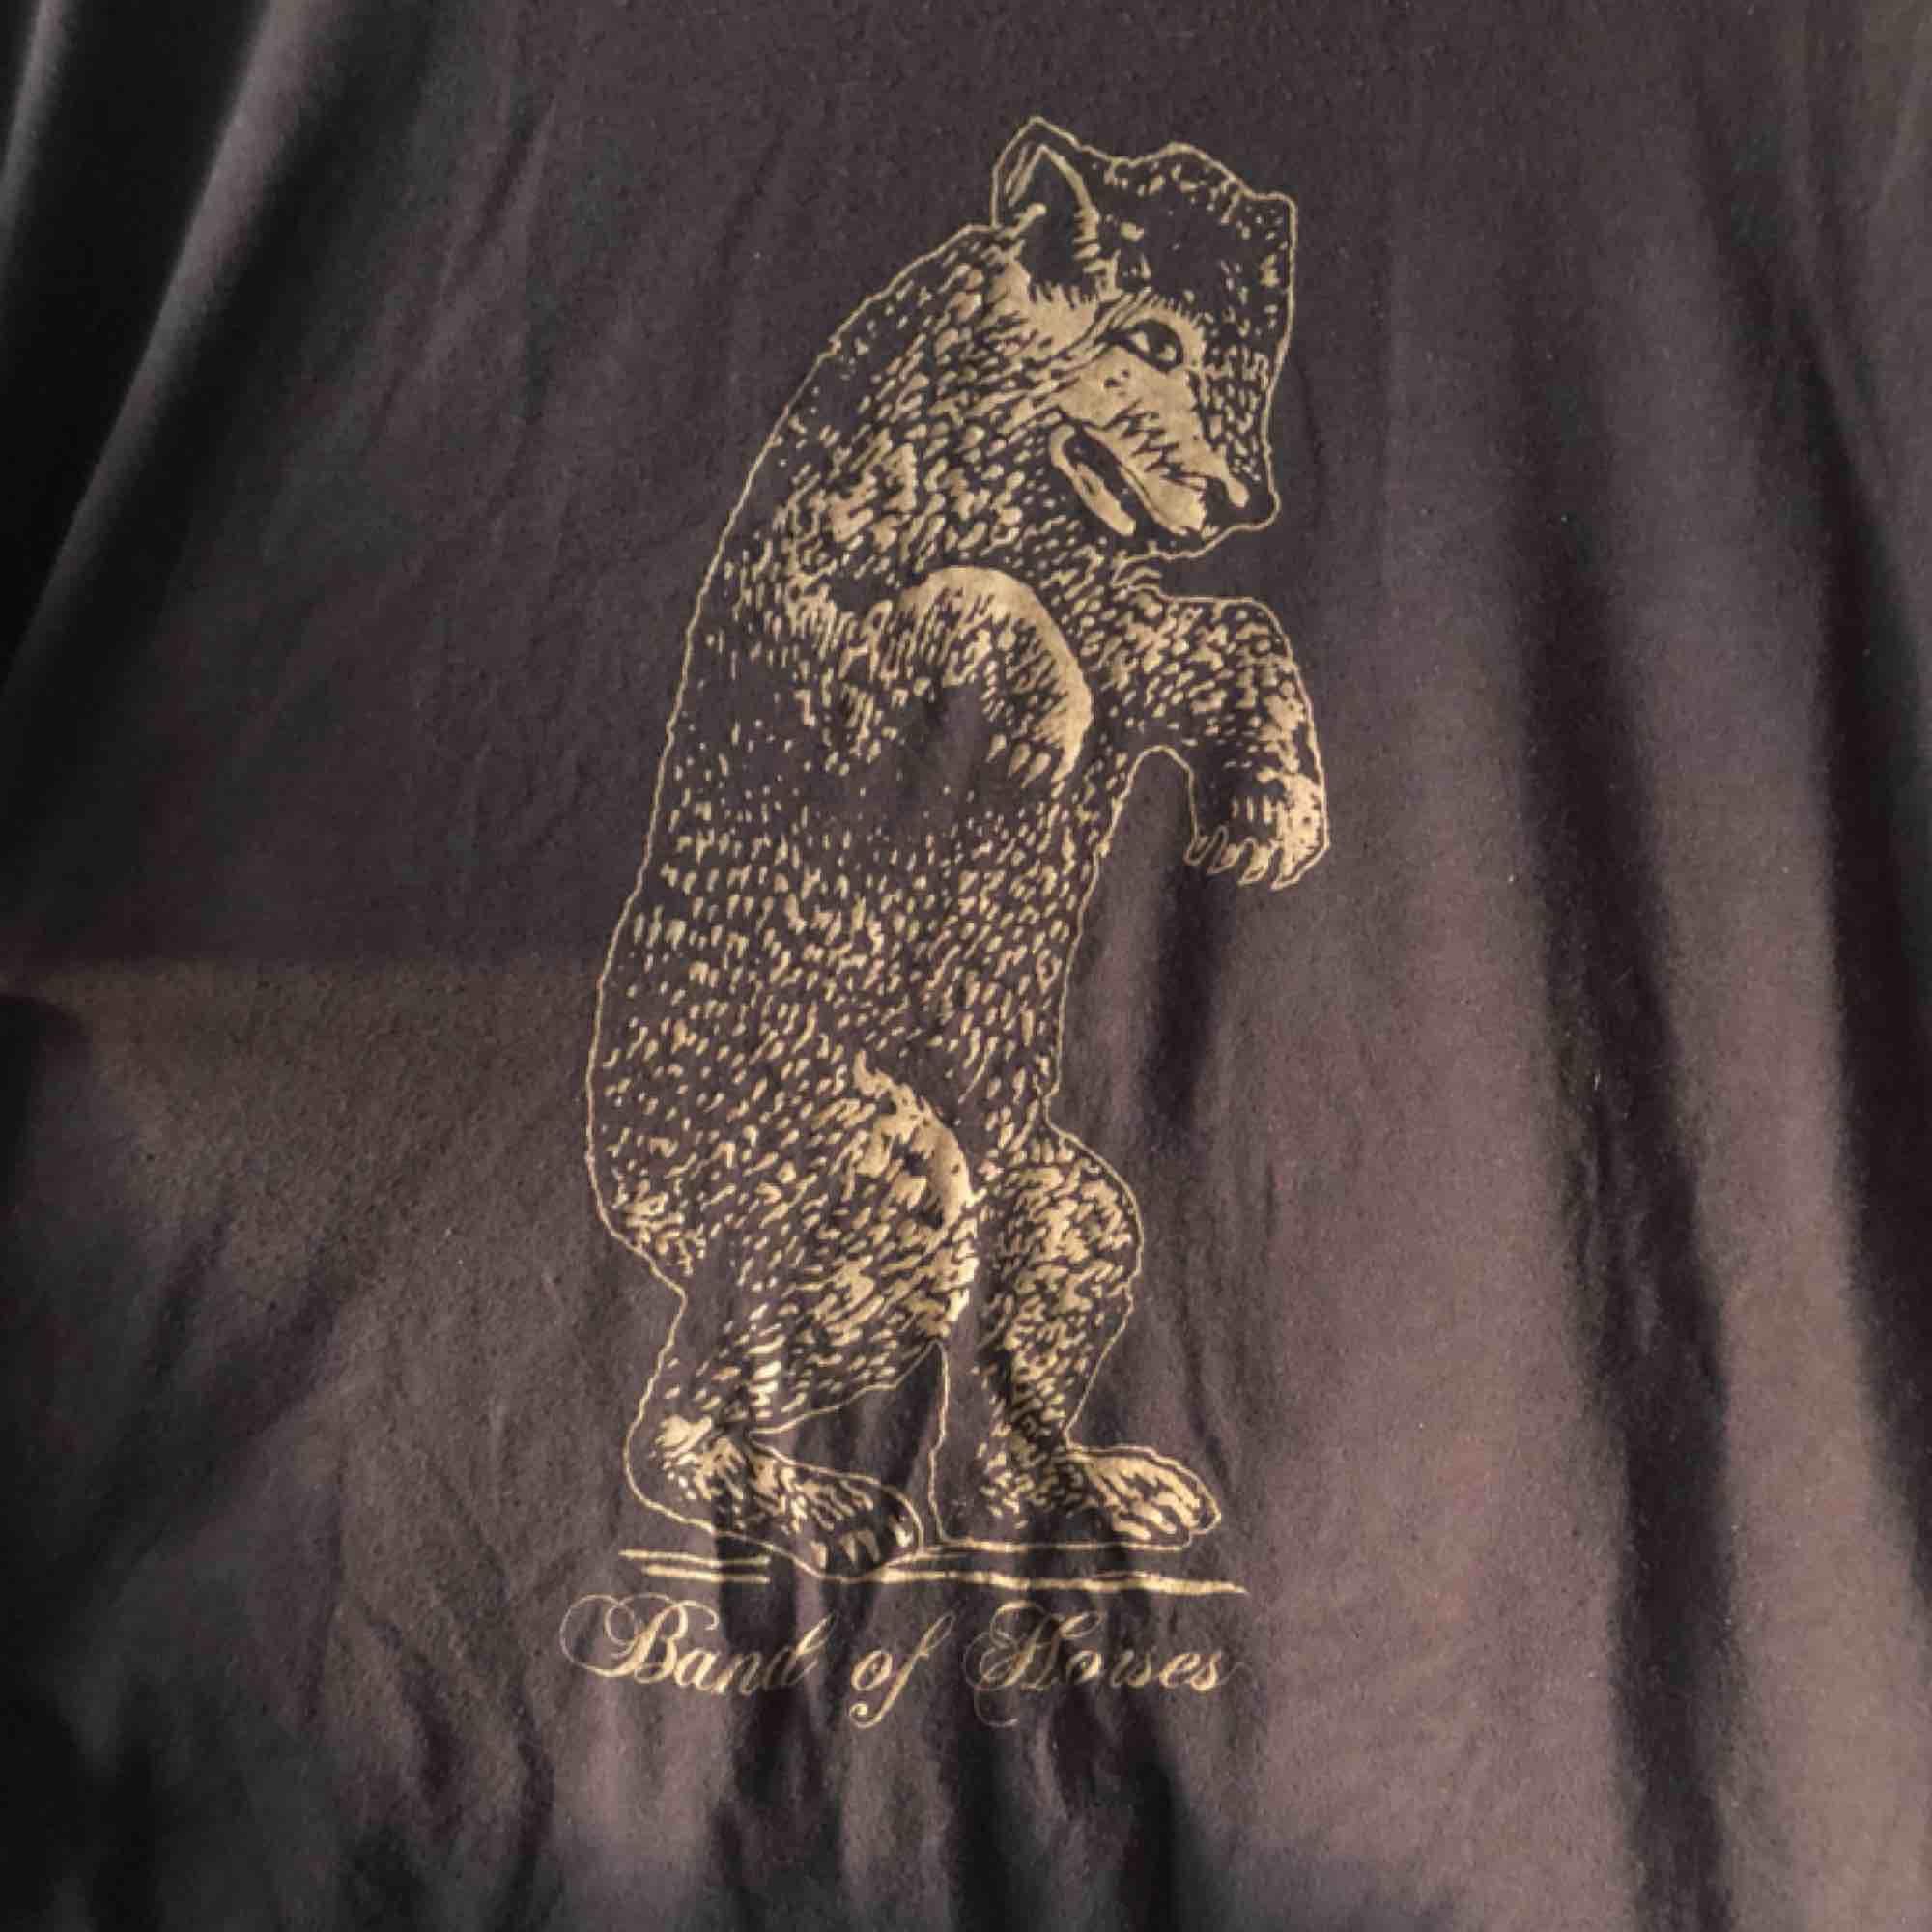 Band Of Horses. Kan skickas för 39 eller hämtas i Uppsala . T-shirts.